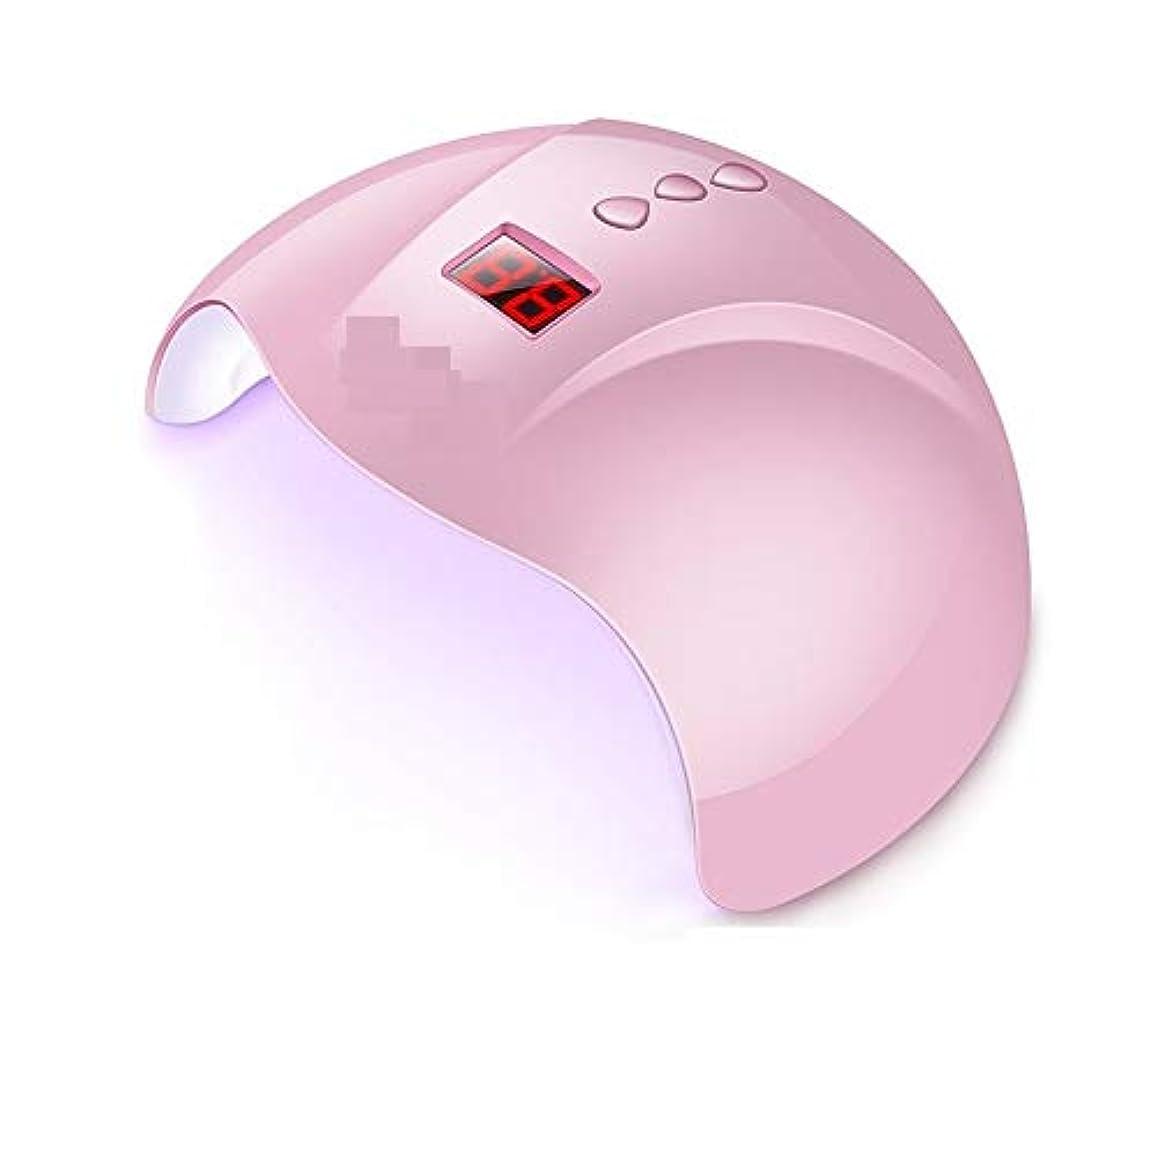 引き算無力キャプテンLittleCat スマートセンサ36WポーランドゴムバンドドライヤーLED + UVランプライトセラピーネイル速乾性ネイルマシン (色 : 36w white)